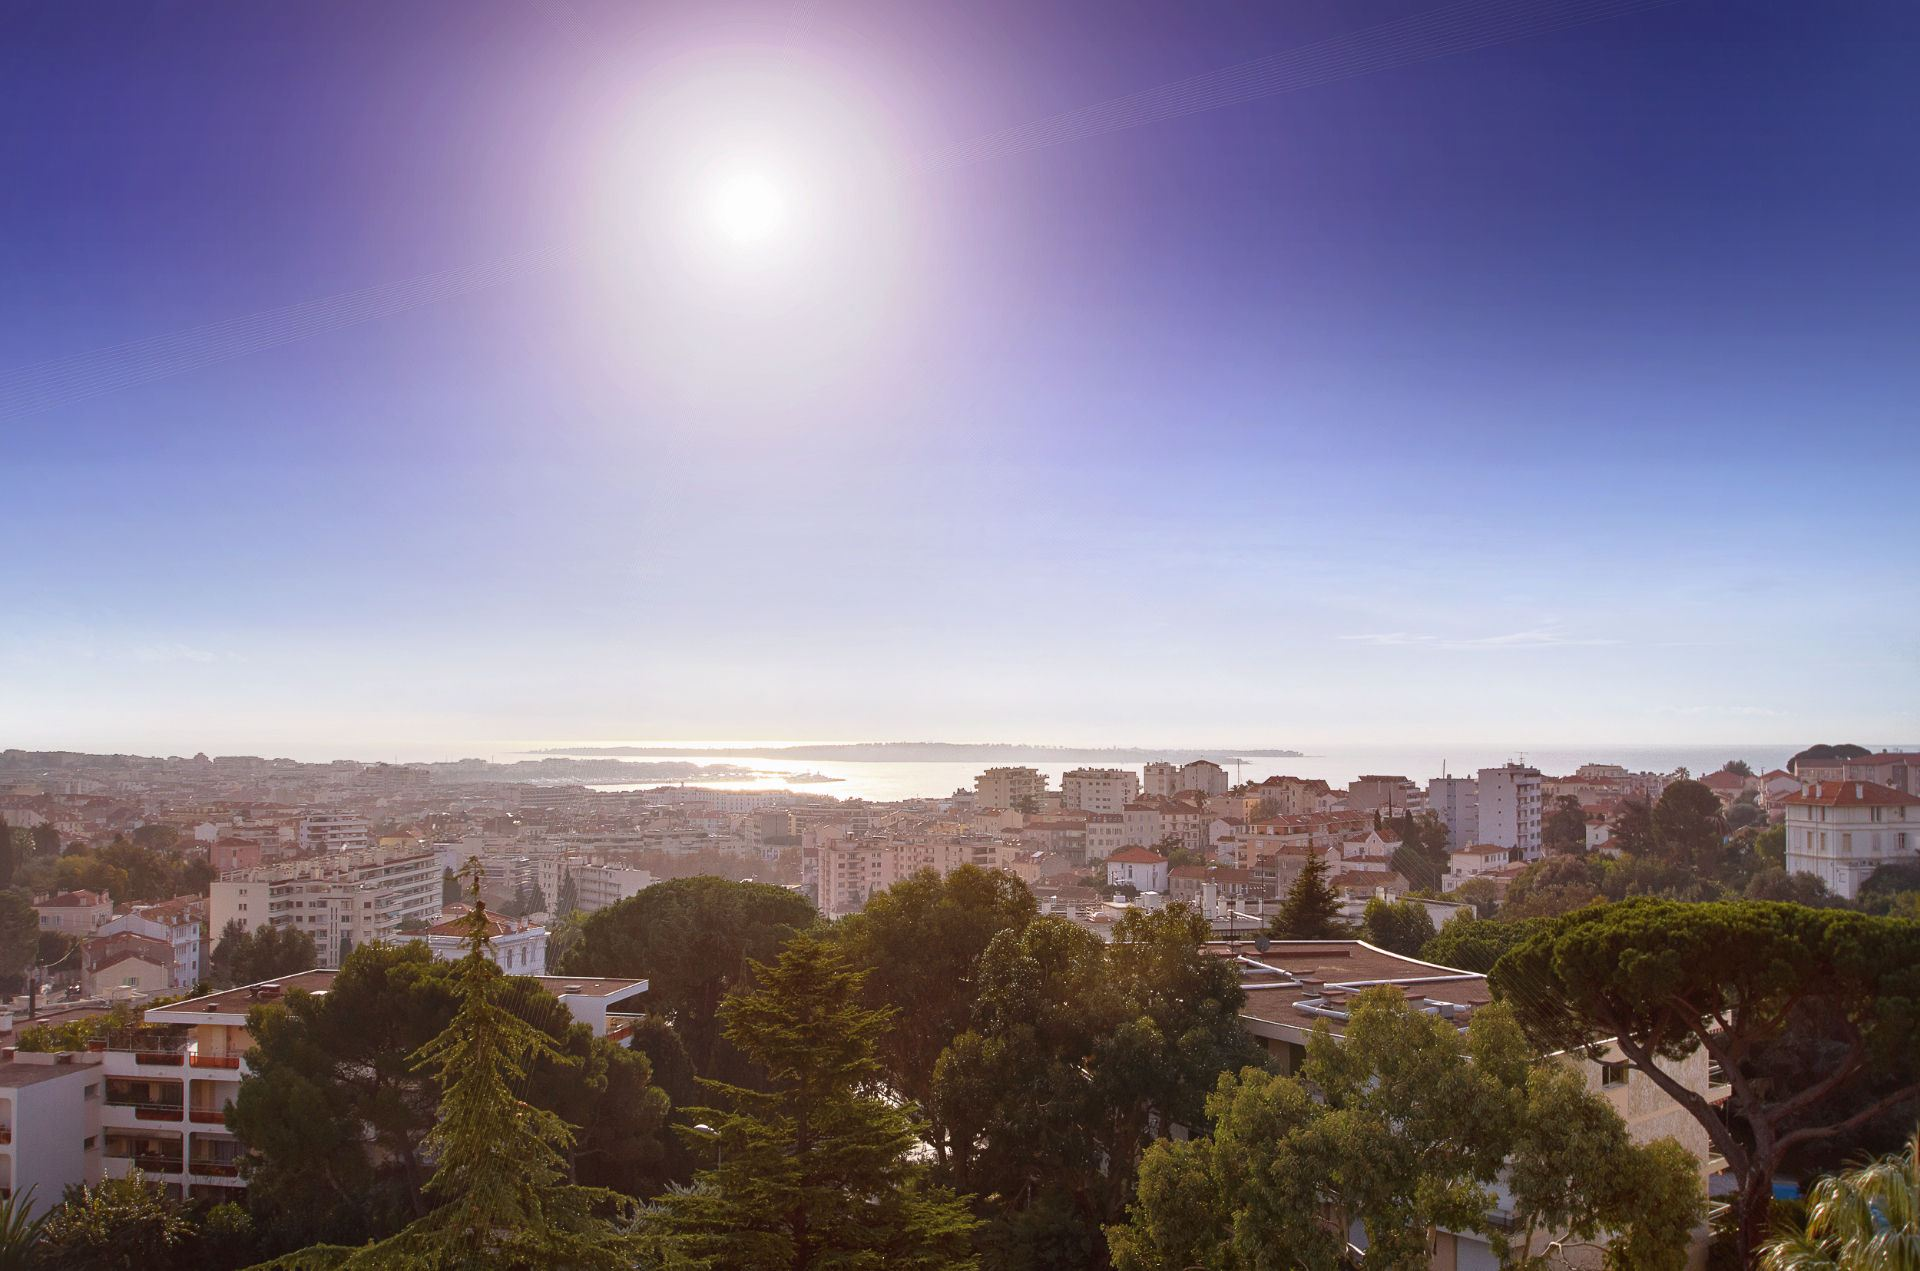 公寓 為 出售 在 Top floor - 5 bedroomed apartment in Cannes - sea views Cannes, 普羅旺斯阿爾卑斯藍色海岸, 06400 法國